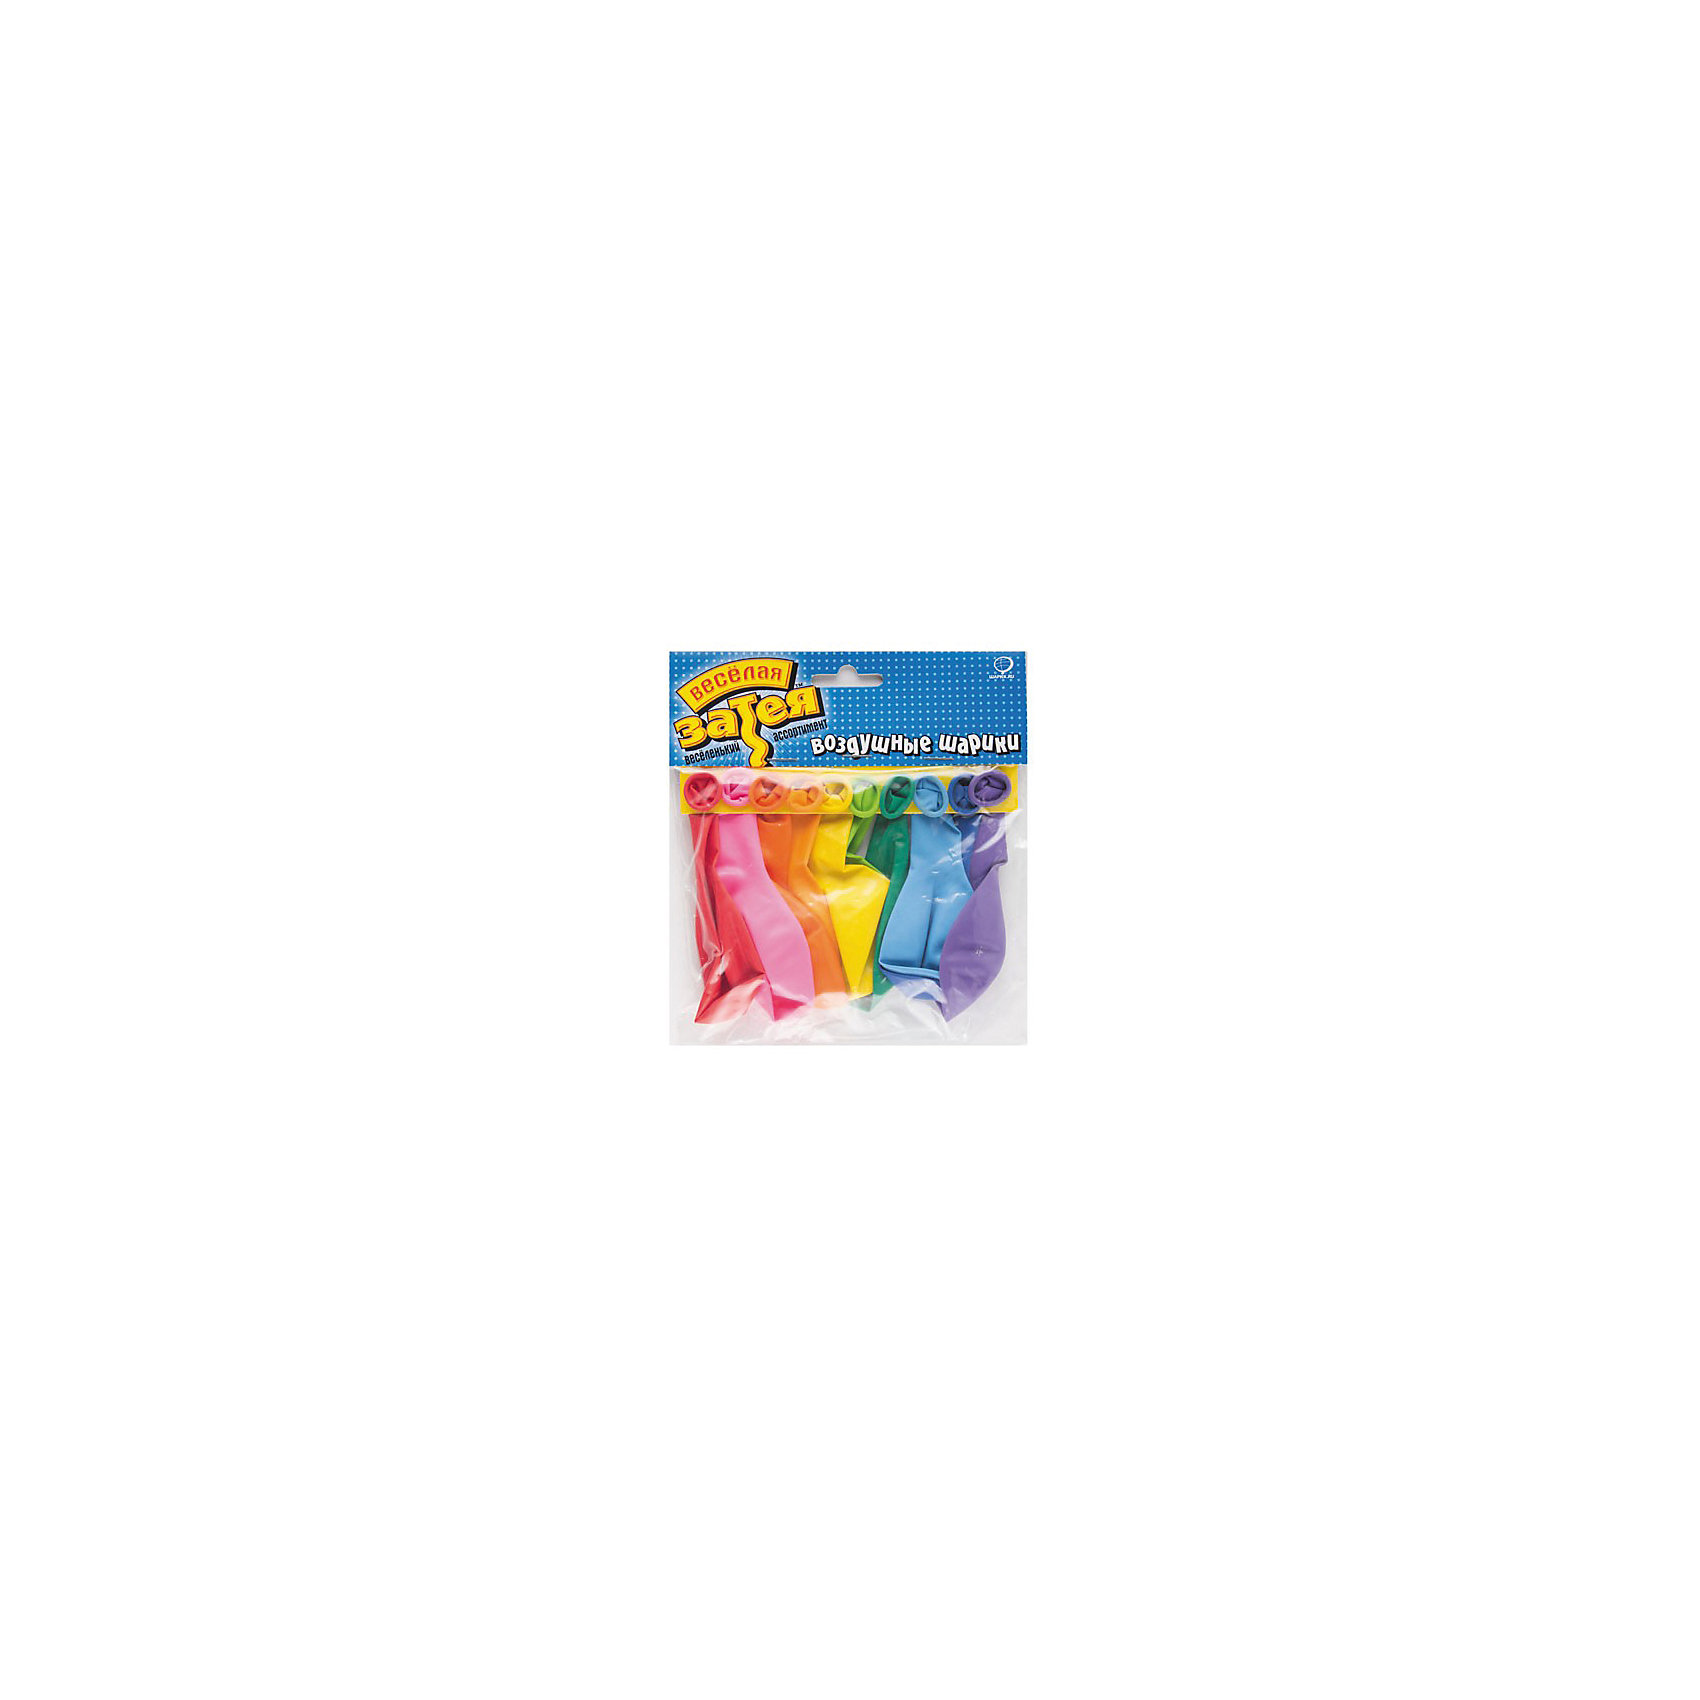 Набор шаров, цвет Пастель,  25см., 10шт., в асс-те, Веселая ЗатеяНабор шаров, цвет Пастель, 25см., 10шт., в асс-те, Веселая Затея<br><br>Характеристики: <br><br>• Цвет: пастель<br>• Размер: 25см<br>• В комплекте: 10 штук<br>• В упаковке цвета в ассортименте<br><br>Оригинальность и необычность этих шариков в том, что они не стандартных цветов, а с особым пастельным оттенком. В наборе содержатся десять шариков, пяти цветов. Диаметр надутого шарика составляет примерно 25 см. Эти необычные шарики можно использовать для украшения комнаты на праздник, с их помощью легко создать праздничную атмосферу и порадовать детей и даже взрослых. <br><br>Набор шаров, цвет Пастель, 25см., 10шт., в асс-те, Веселая Затея можно купить в нашем интернет-магазине.<br><br>Ширина мм: 230<br>Глубина мм: 250<br>Высота мм: 70<br>Вес г: 30<br>Возраст от месяцев: 36<br>Возраст до месяцев: 2147483647<br>Пол: Унисекс<br>Возраст: Детский<br>SKU: 5445450